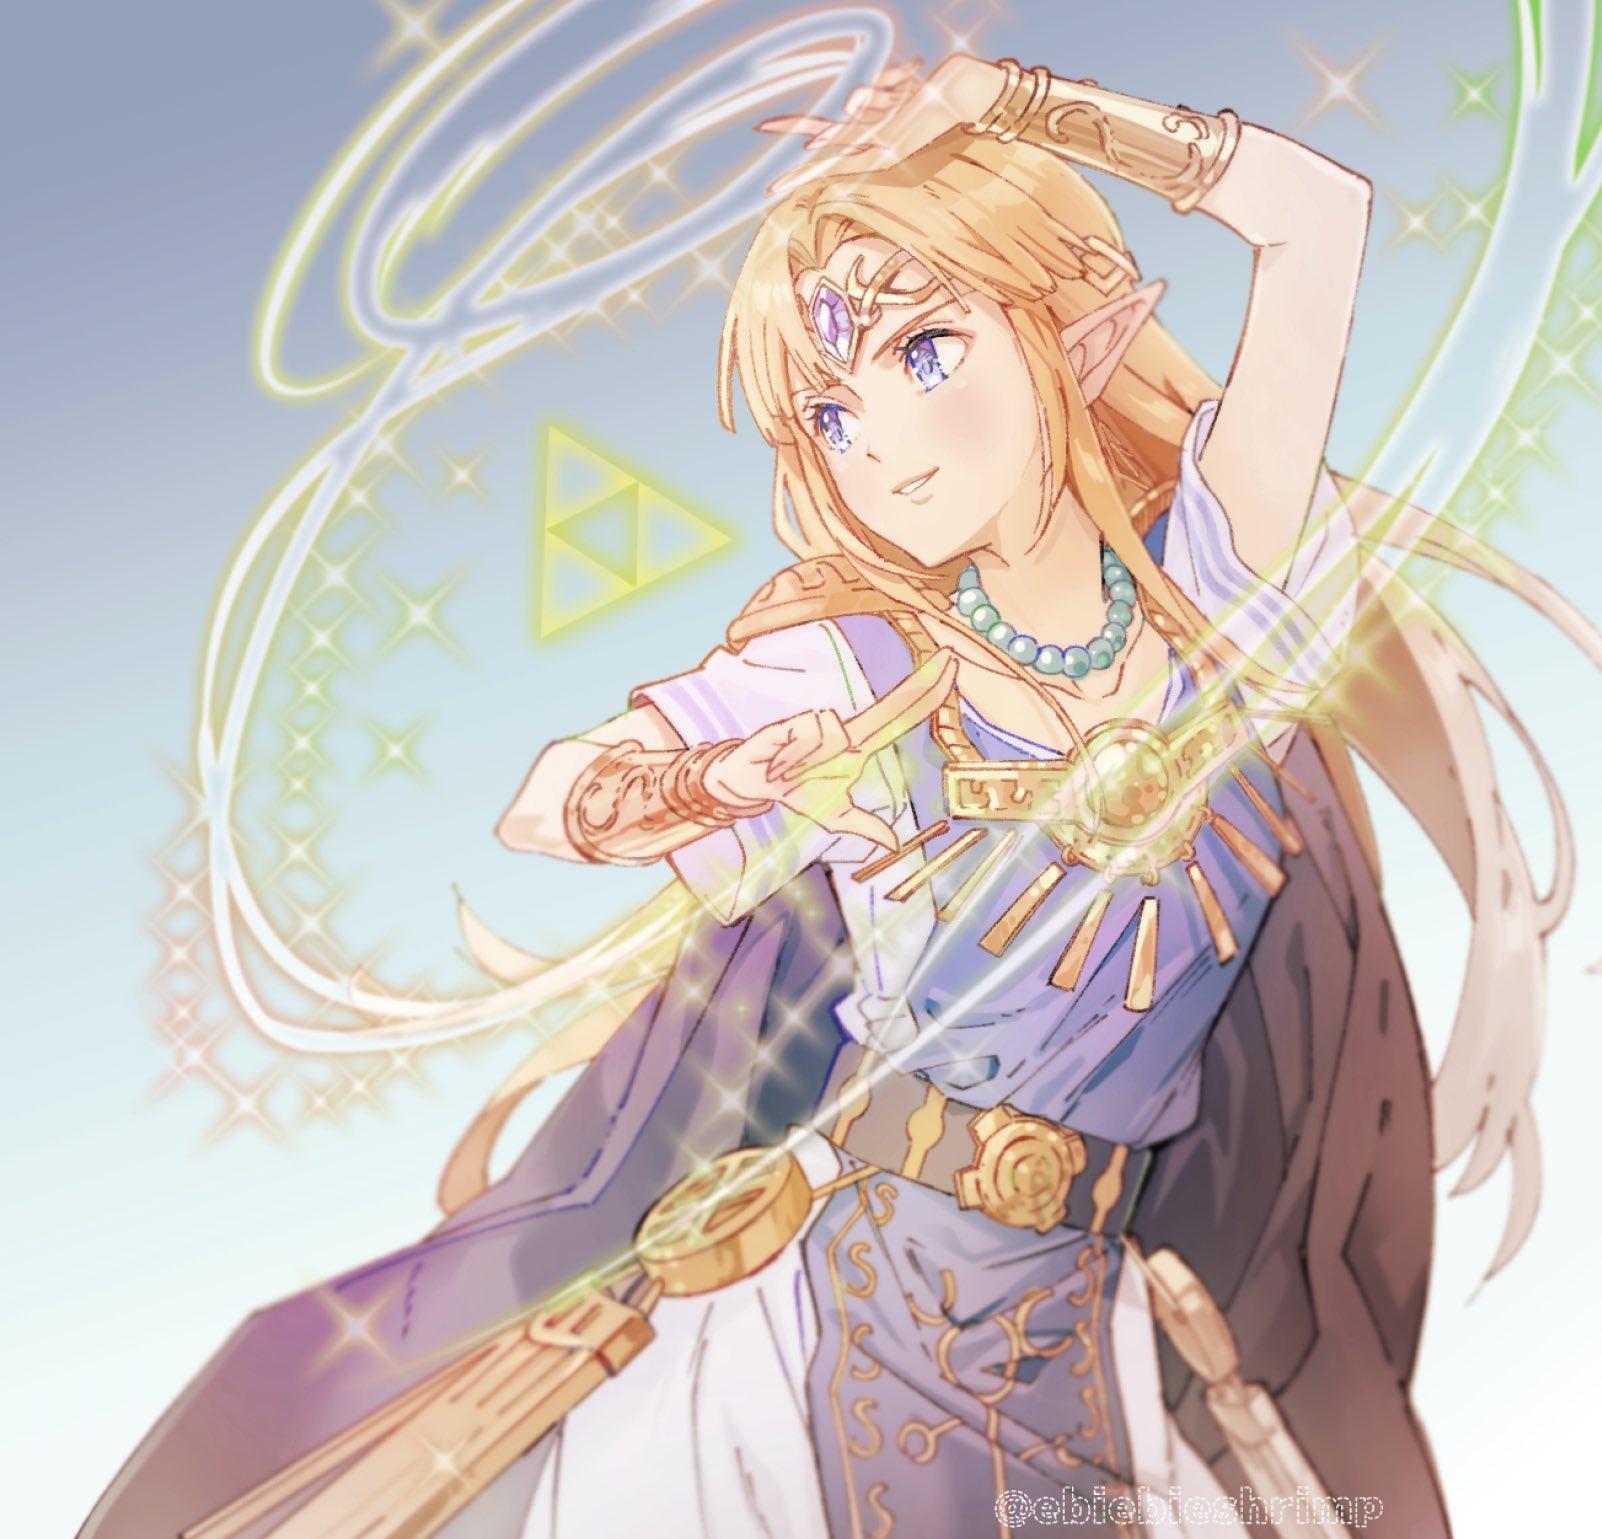 Tranh vẽ anime cô công chúa tóc vàng phép thuật